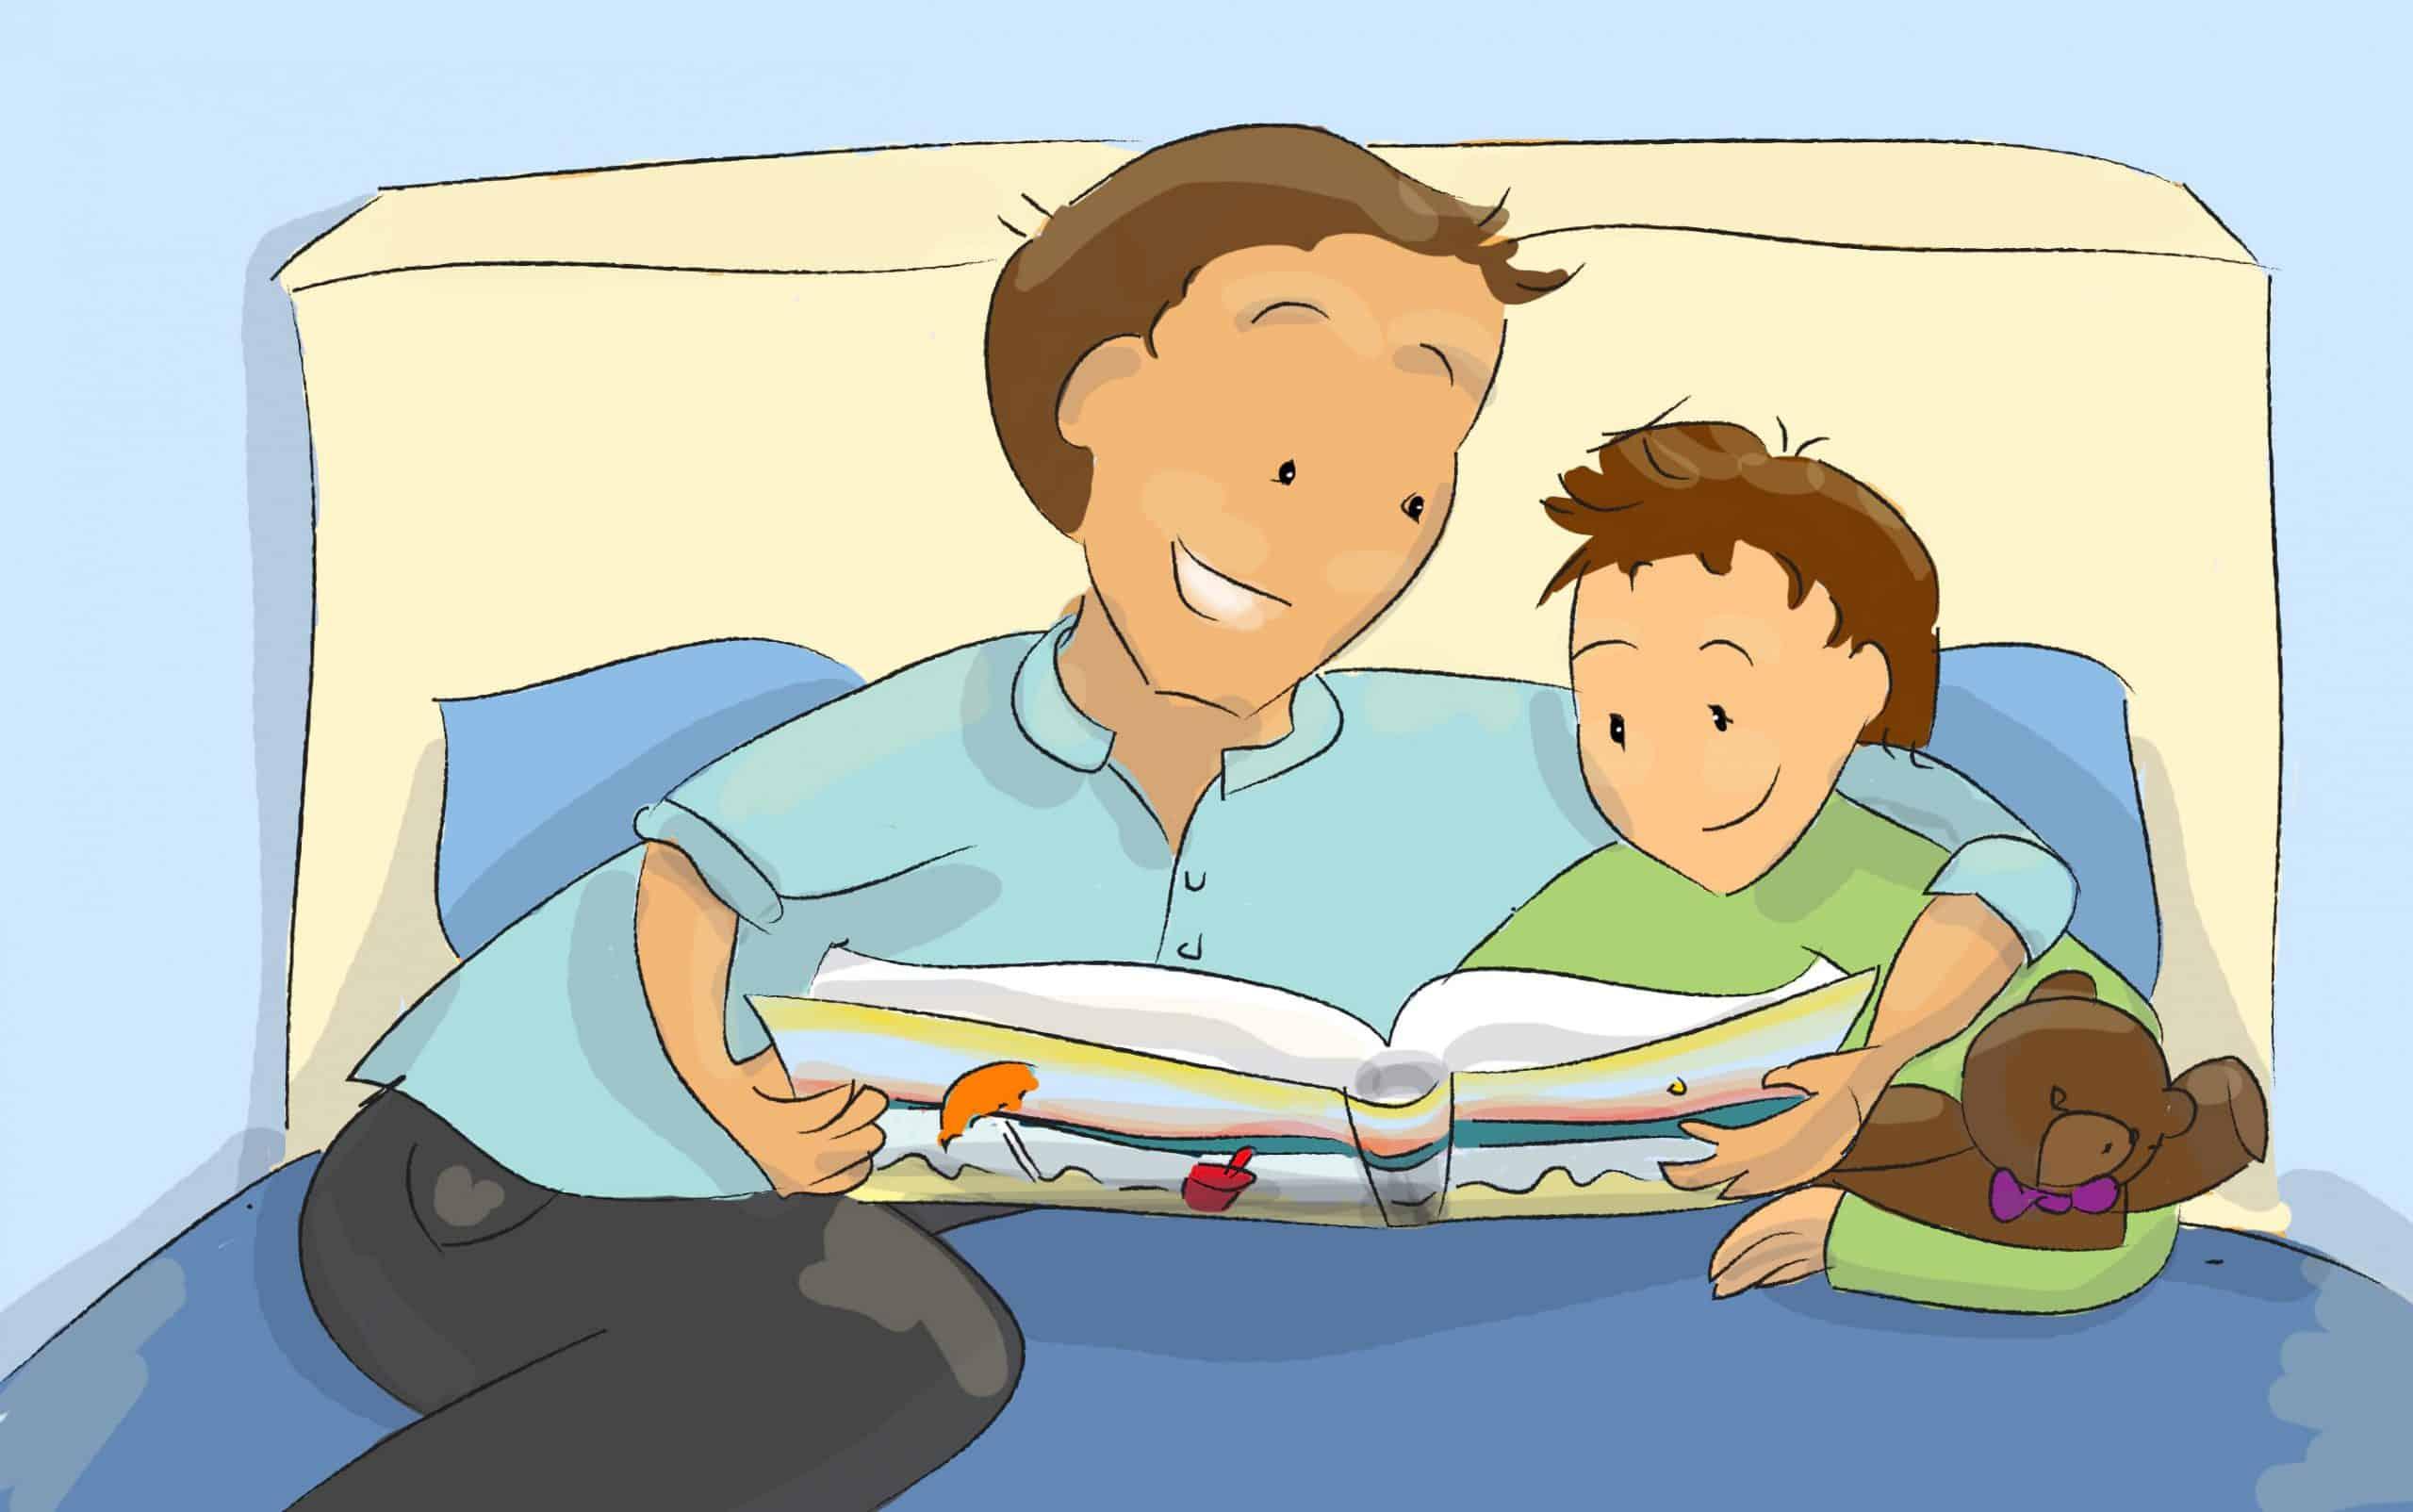 שימוש בדמיון מודרך דרך קריאת ספרים